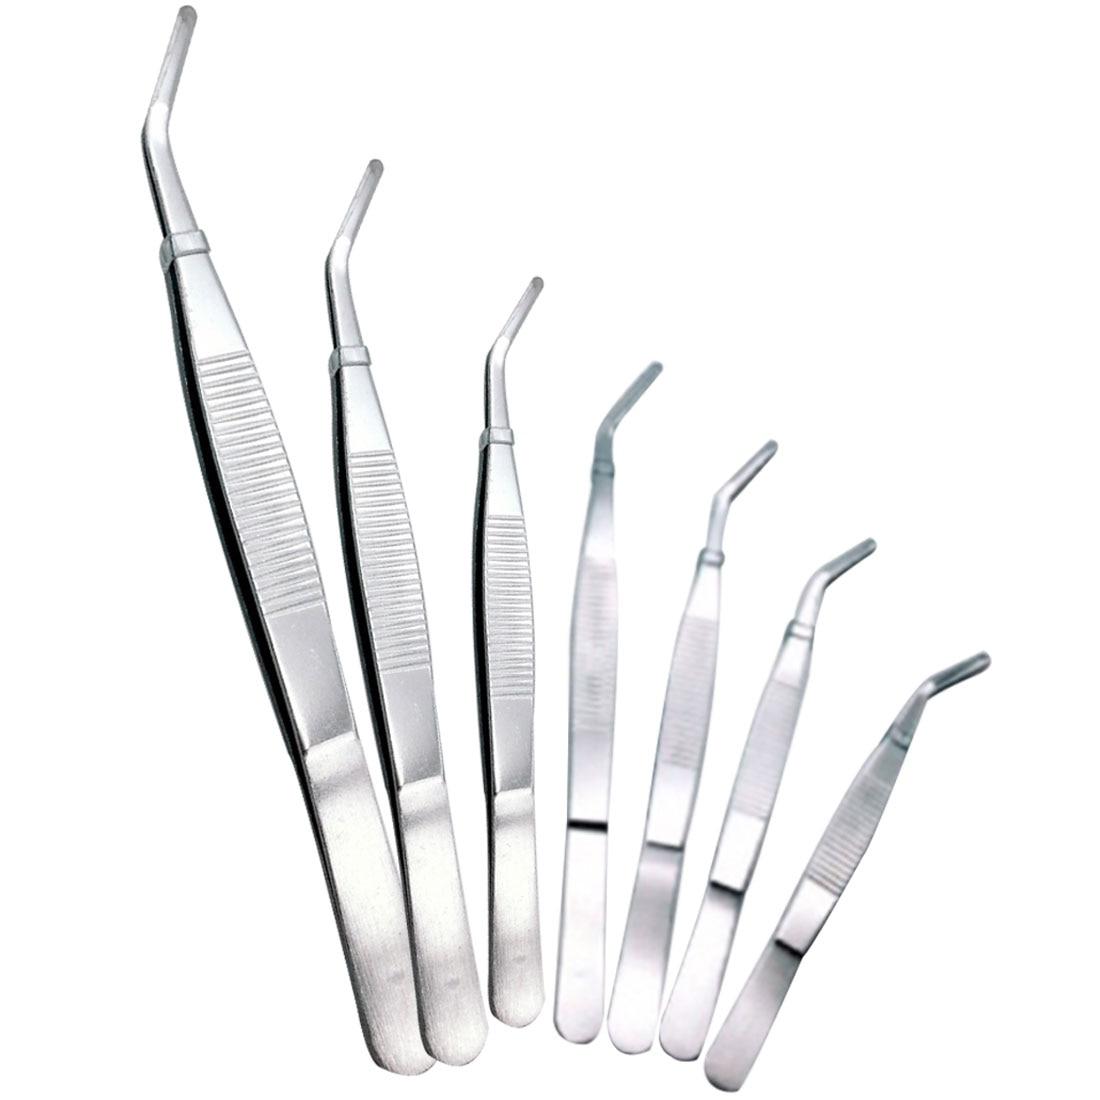 12,5-30 Cm Edelstahl Ellenbogen Medizinische Pinzette First Aid Kit Zubehör Chirurgie Pinzette Outdoor Ellenbogen Gerade Handwerkzeuge